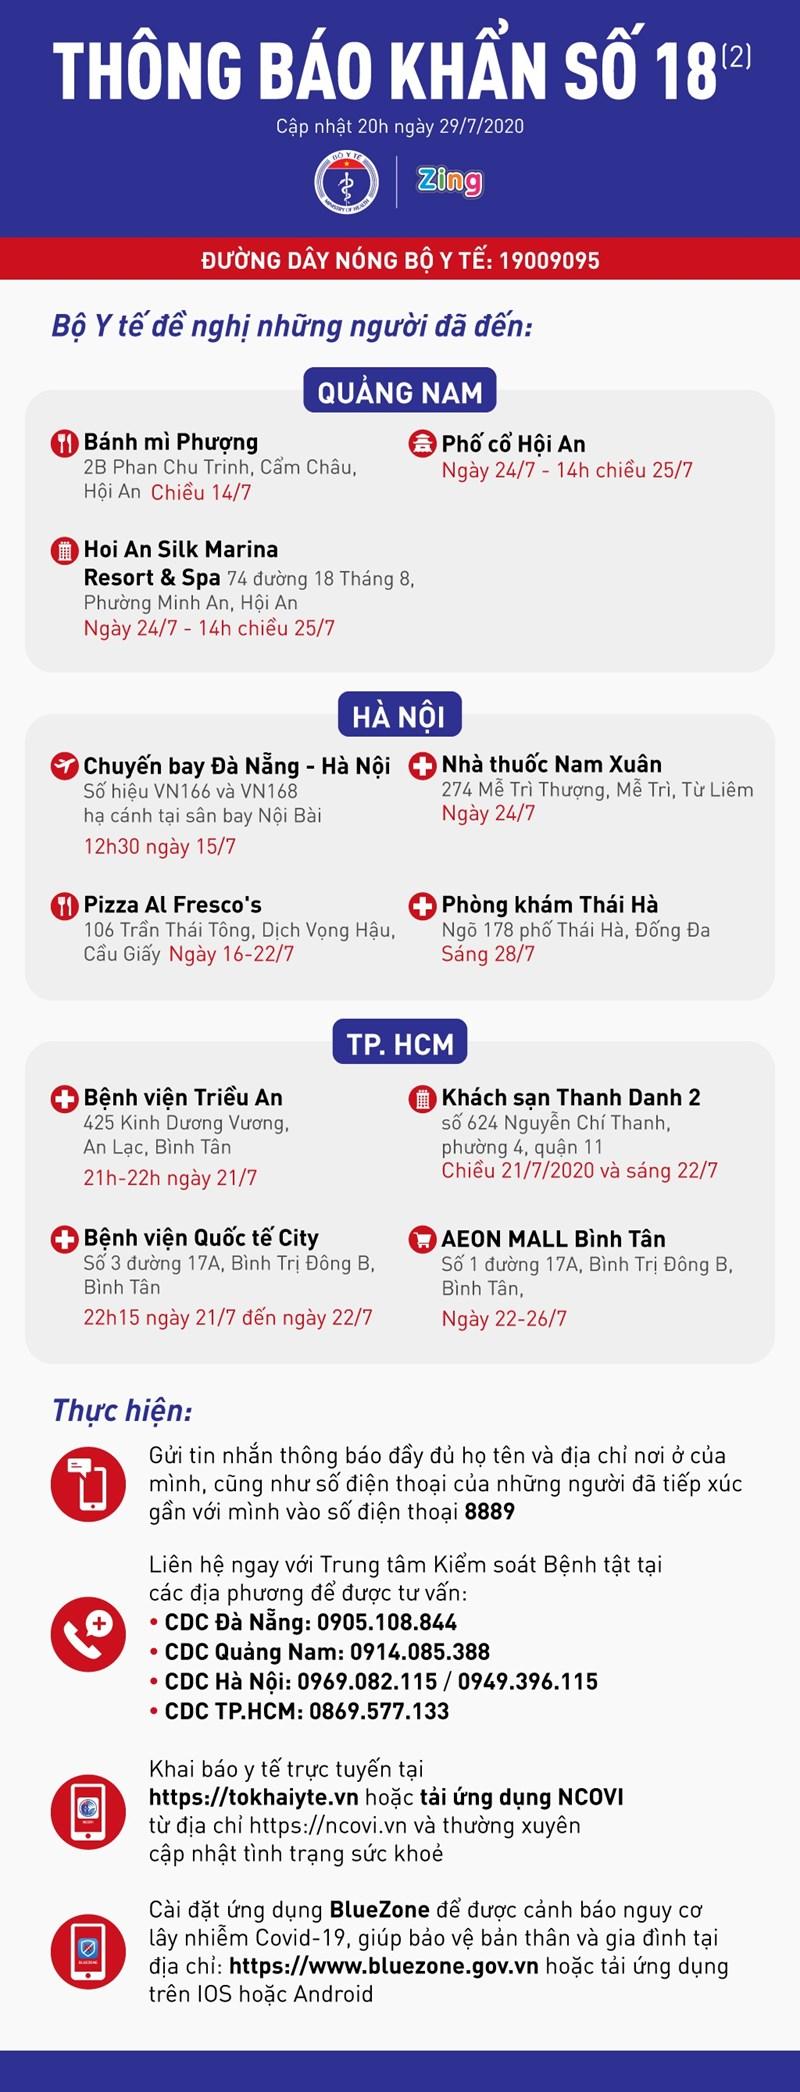 [Infographics] Các bệnh nhân Covid-19 ở Quảng Nam, Hà Nội, TP. Hồ Chí Minh đã đi đâu? - Ảnh 1